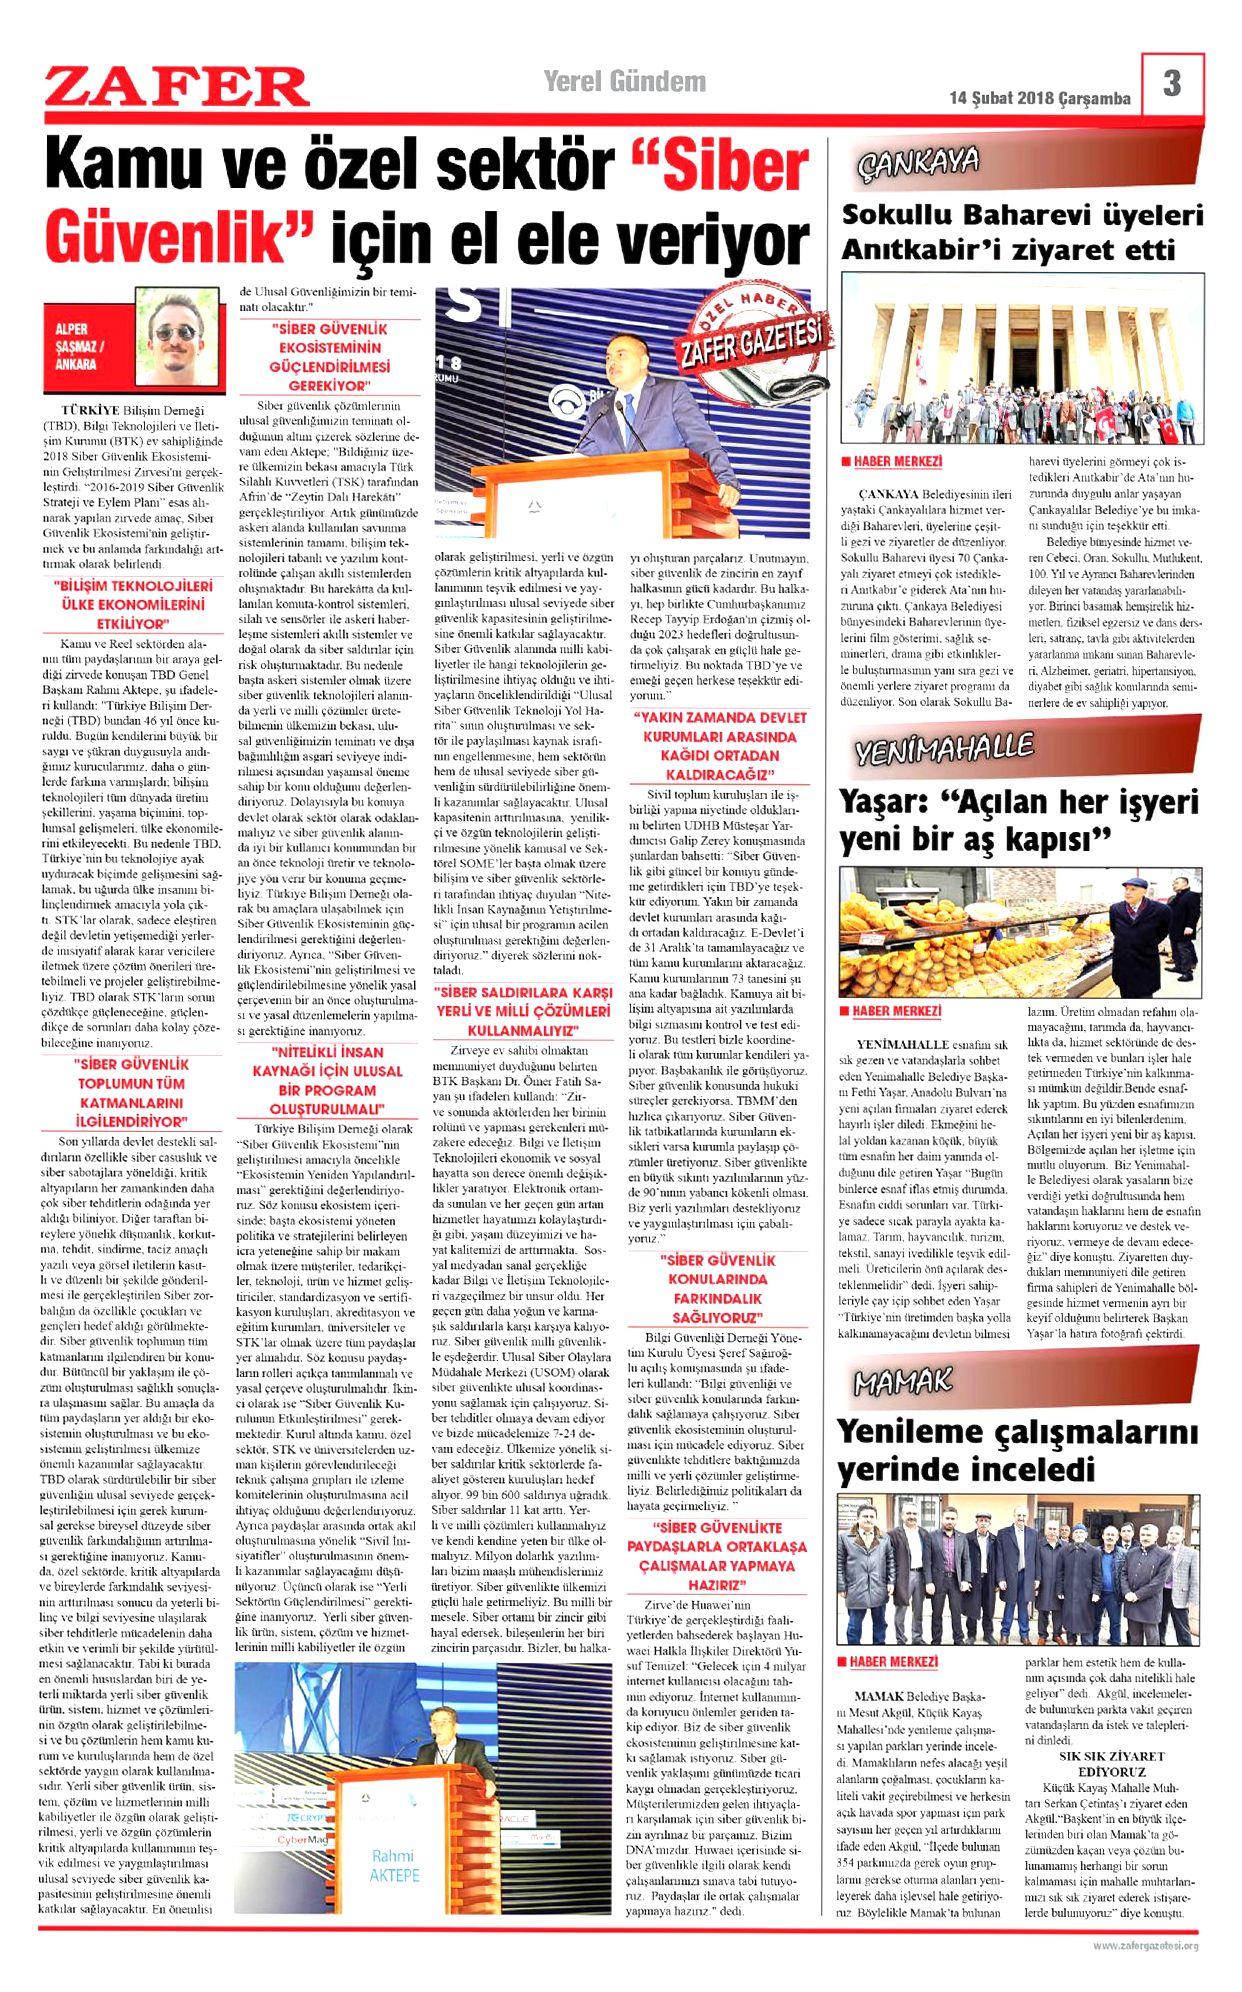 kamu-ve-ozel-sektor-siber-guvenlik-icin-el-ele-veriyor-zafer-gazetesi-tbd